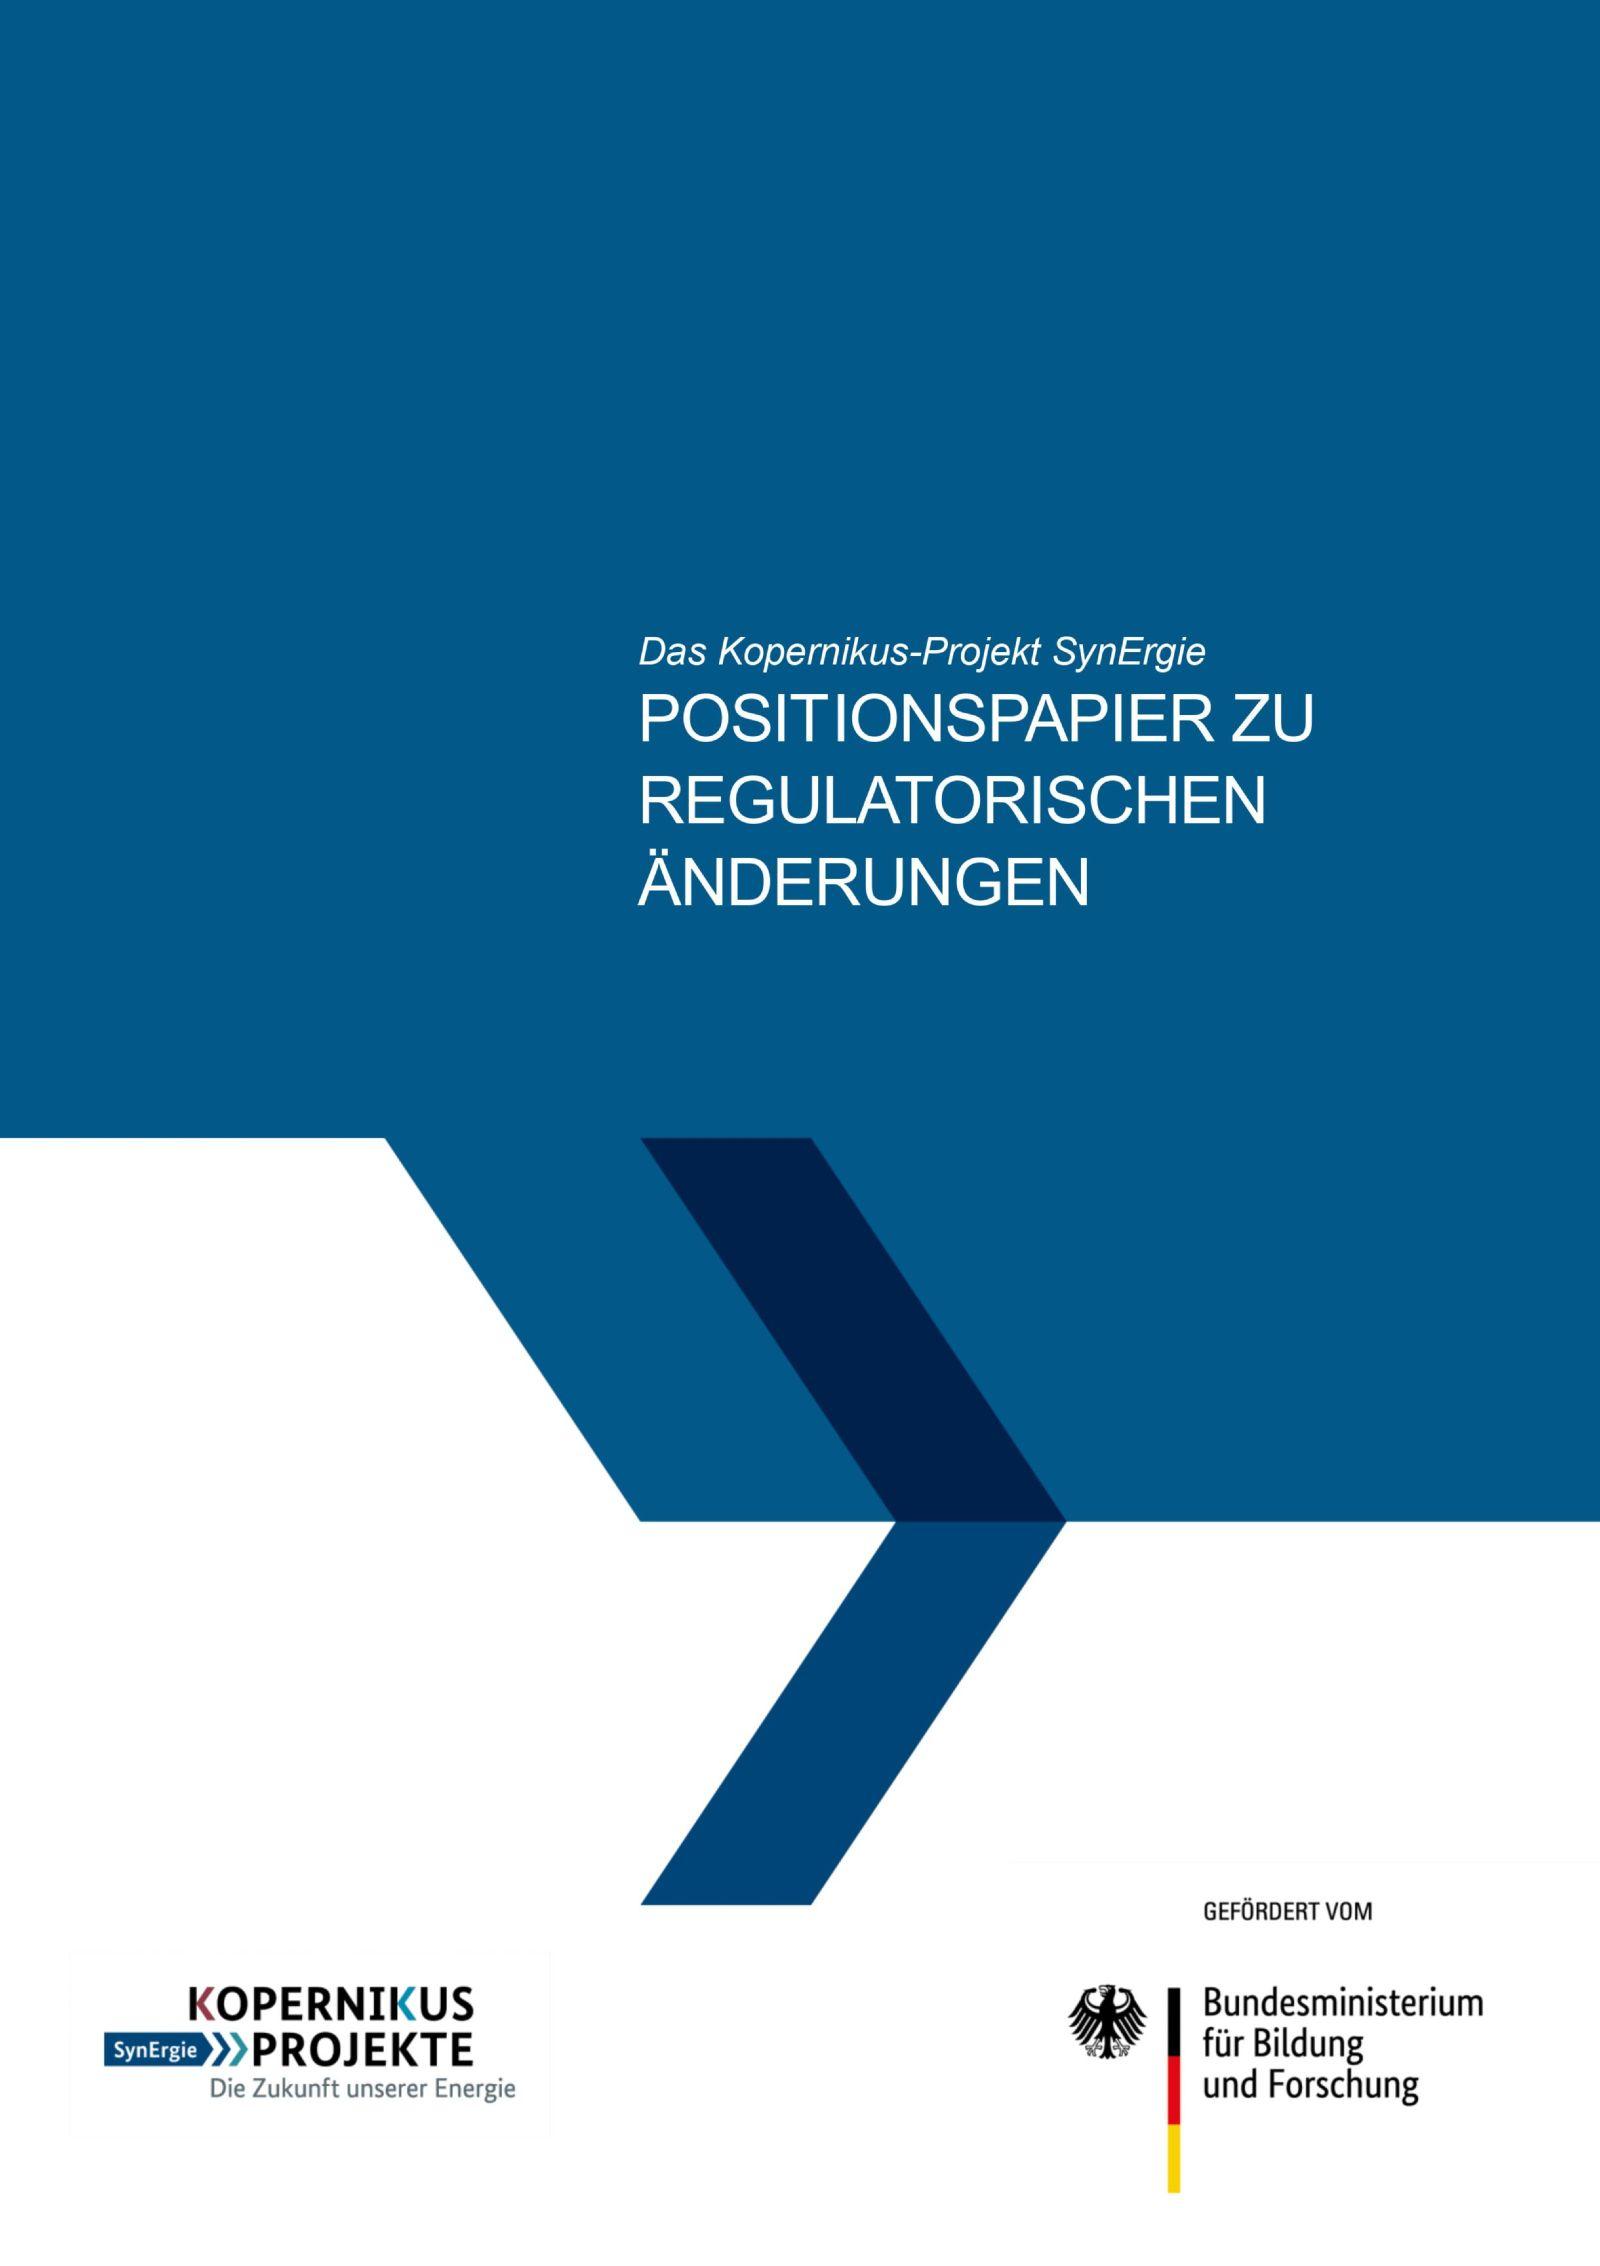 Das Bild zeigt das Covers des SynErgie-Positionspapiers zu regulatorischen Änderungsbedarfen.